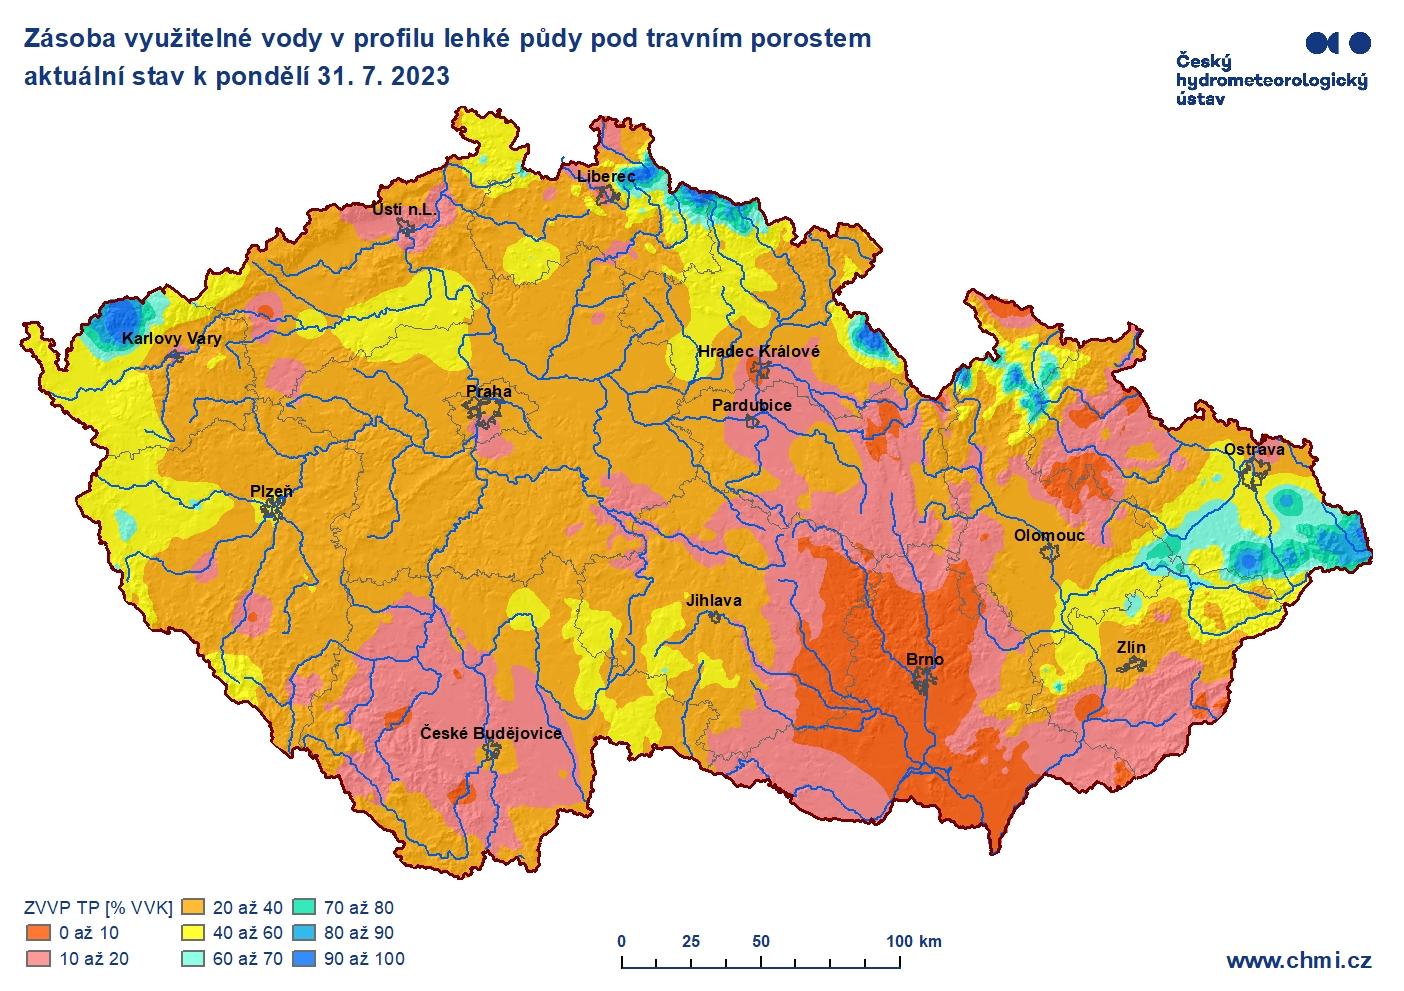 Hydrologická situace: Využitelná voda v profilu lehké půdy.